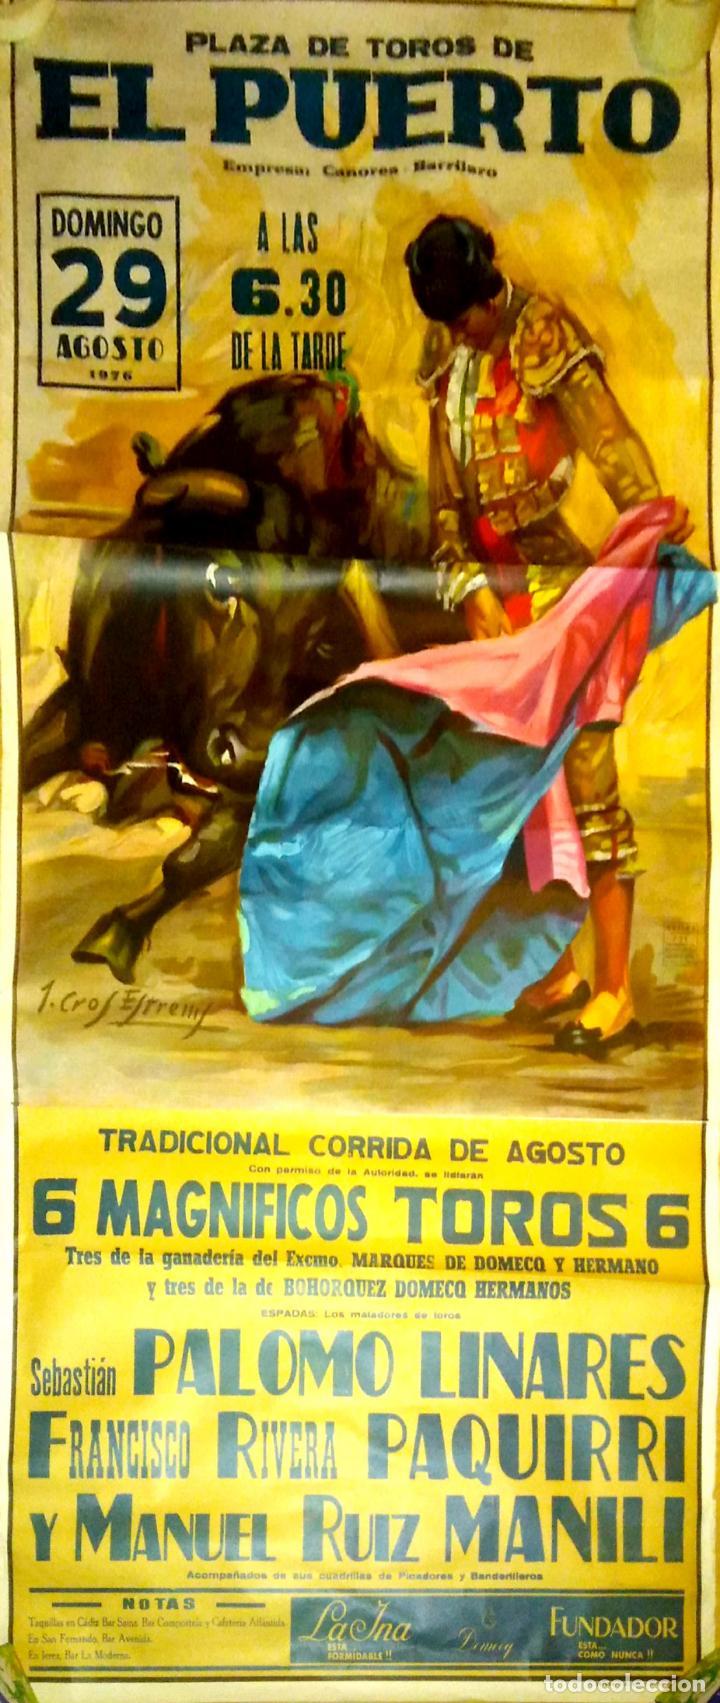 CARTEL. EL PUERTO. CORRIDA TRADICIONAL DE AGOSTO. 1976. LEER. (Coleccionismo - Carteles Gran Formato - Carteles Toros)